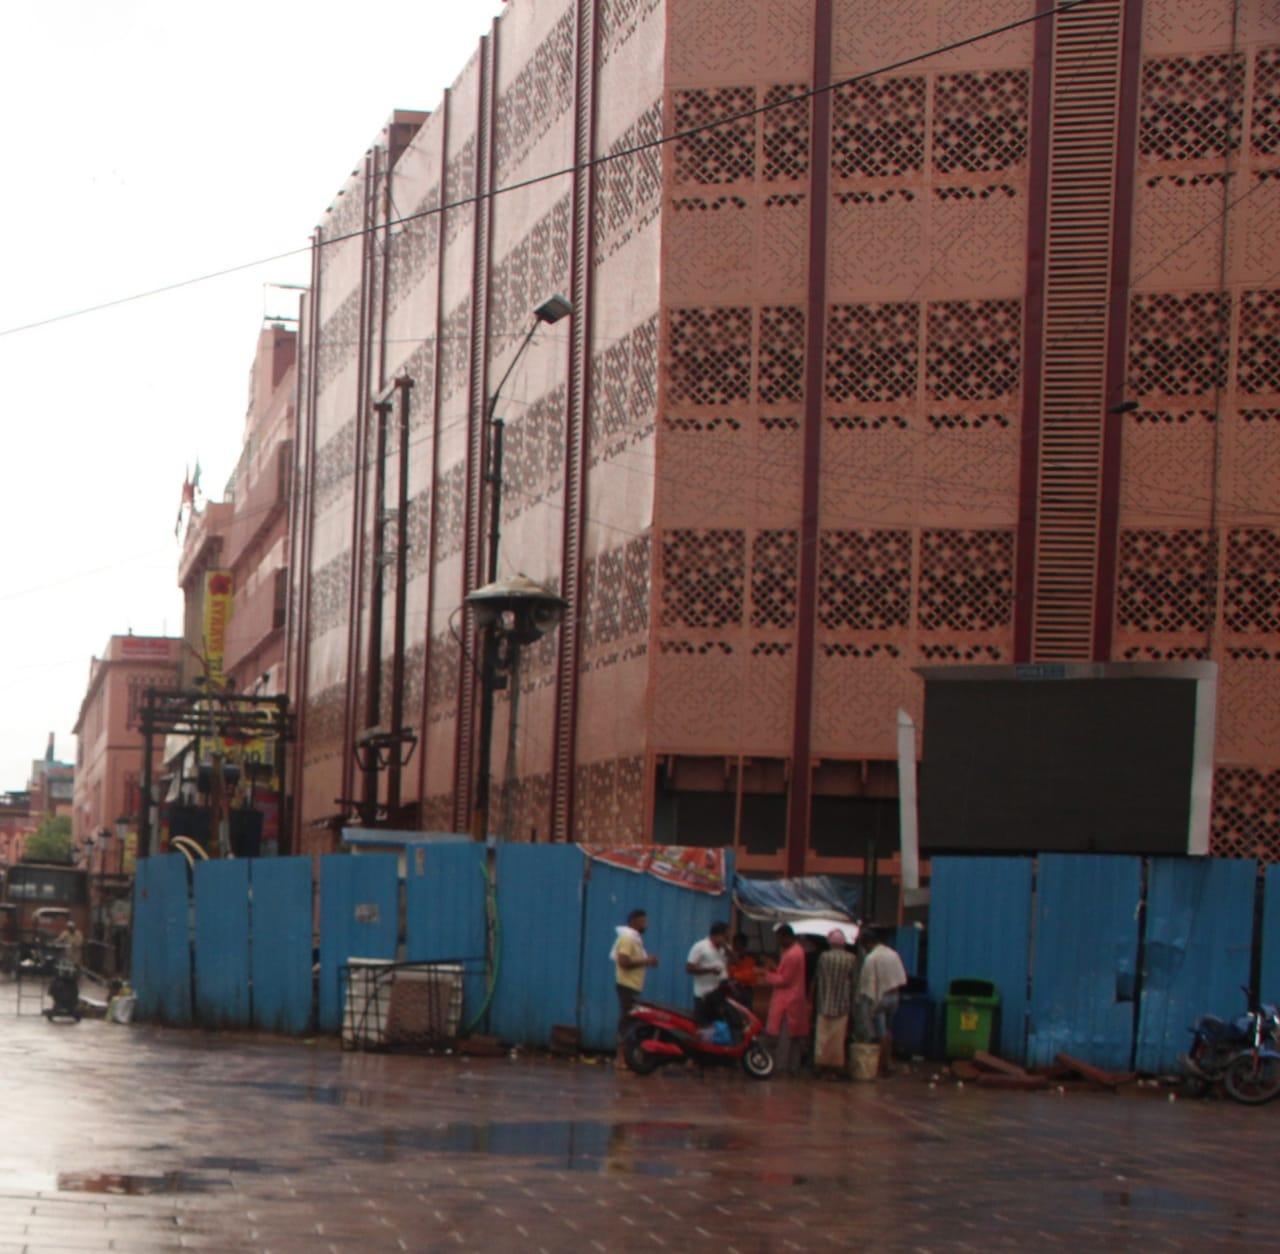 30 नवंबर से शहर के बीचों-बीच मिलेगी पार्किंग की सुविधा, 1025 टू-व्हीलर व 550 फोर-व्हीलर हो सकेंगे पार्क|वाराणसी,Varanasi - Dainik Bhaskar